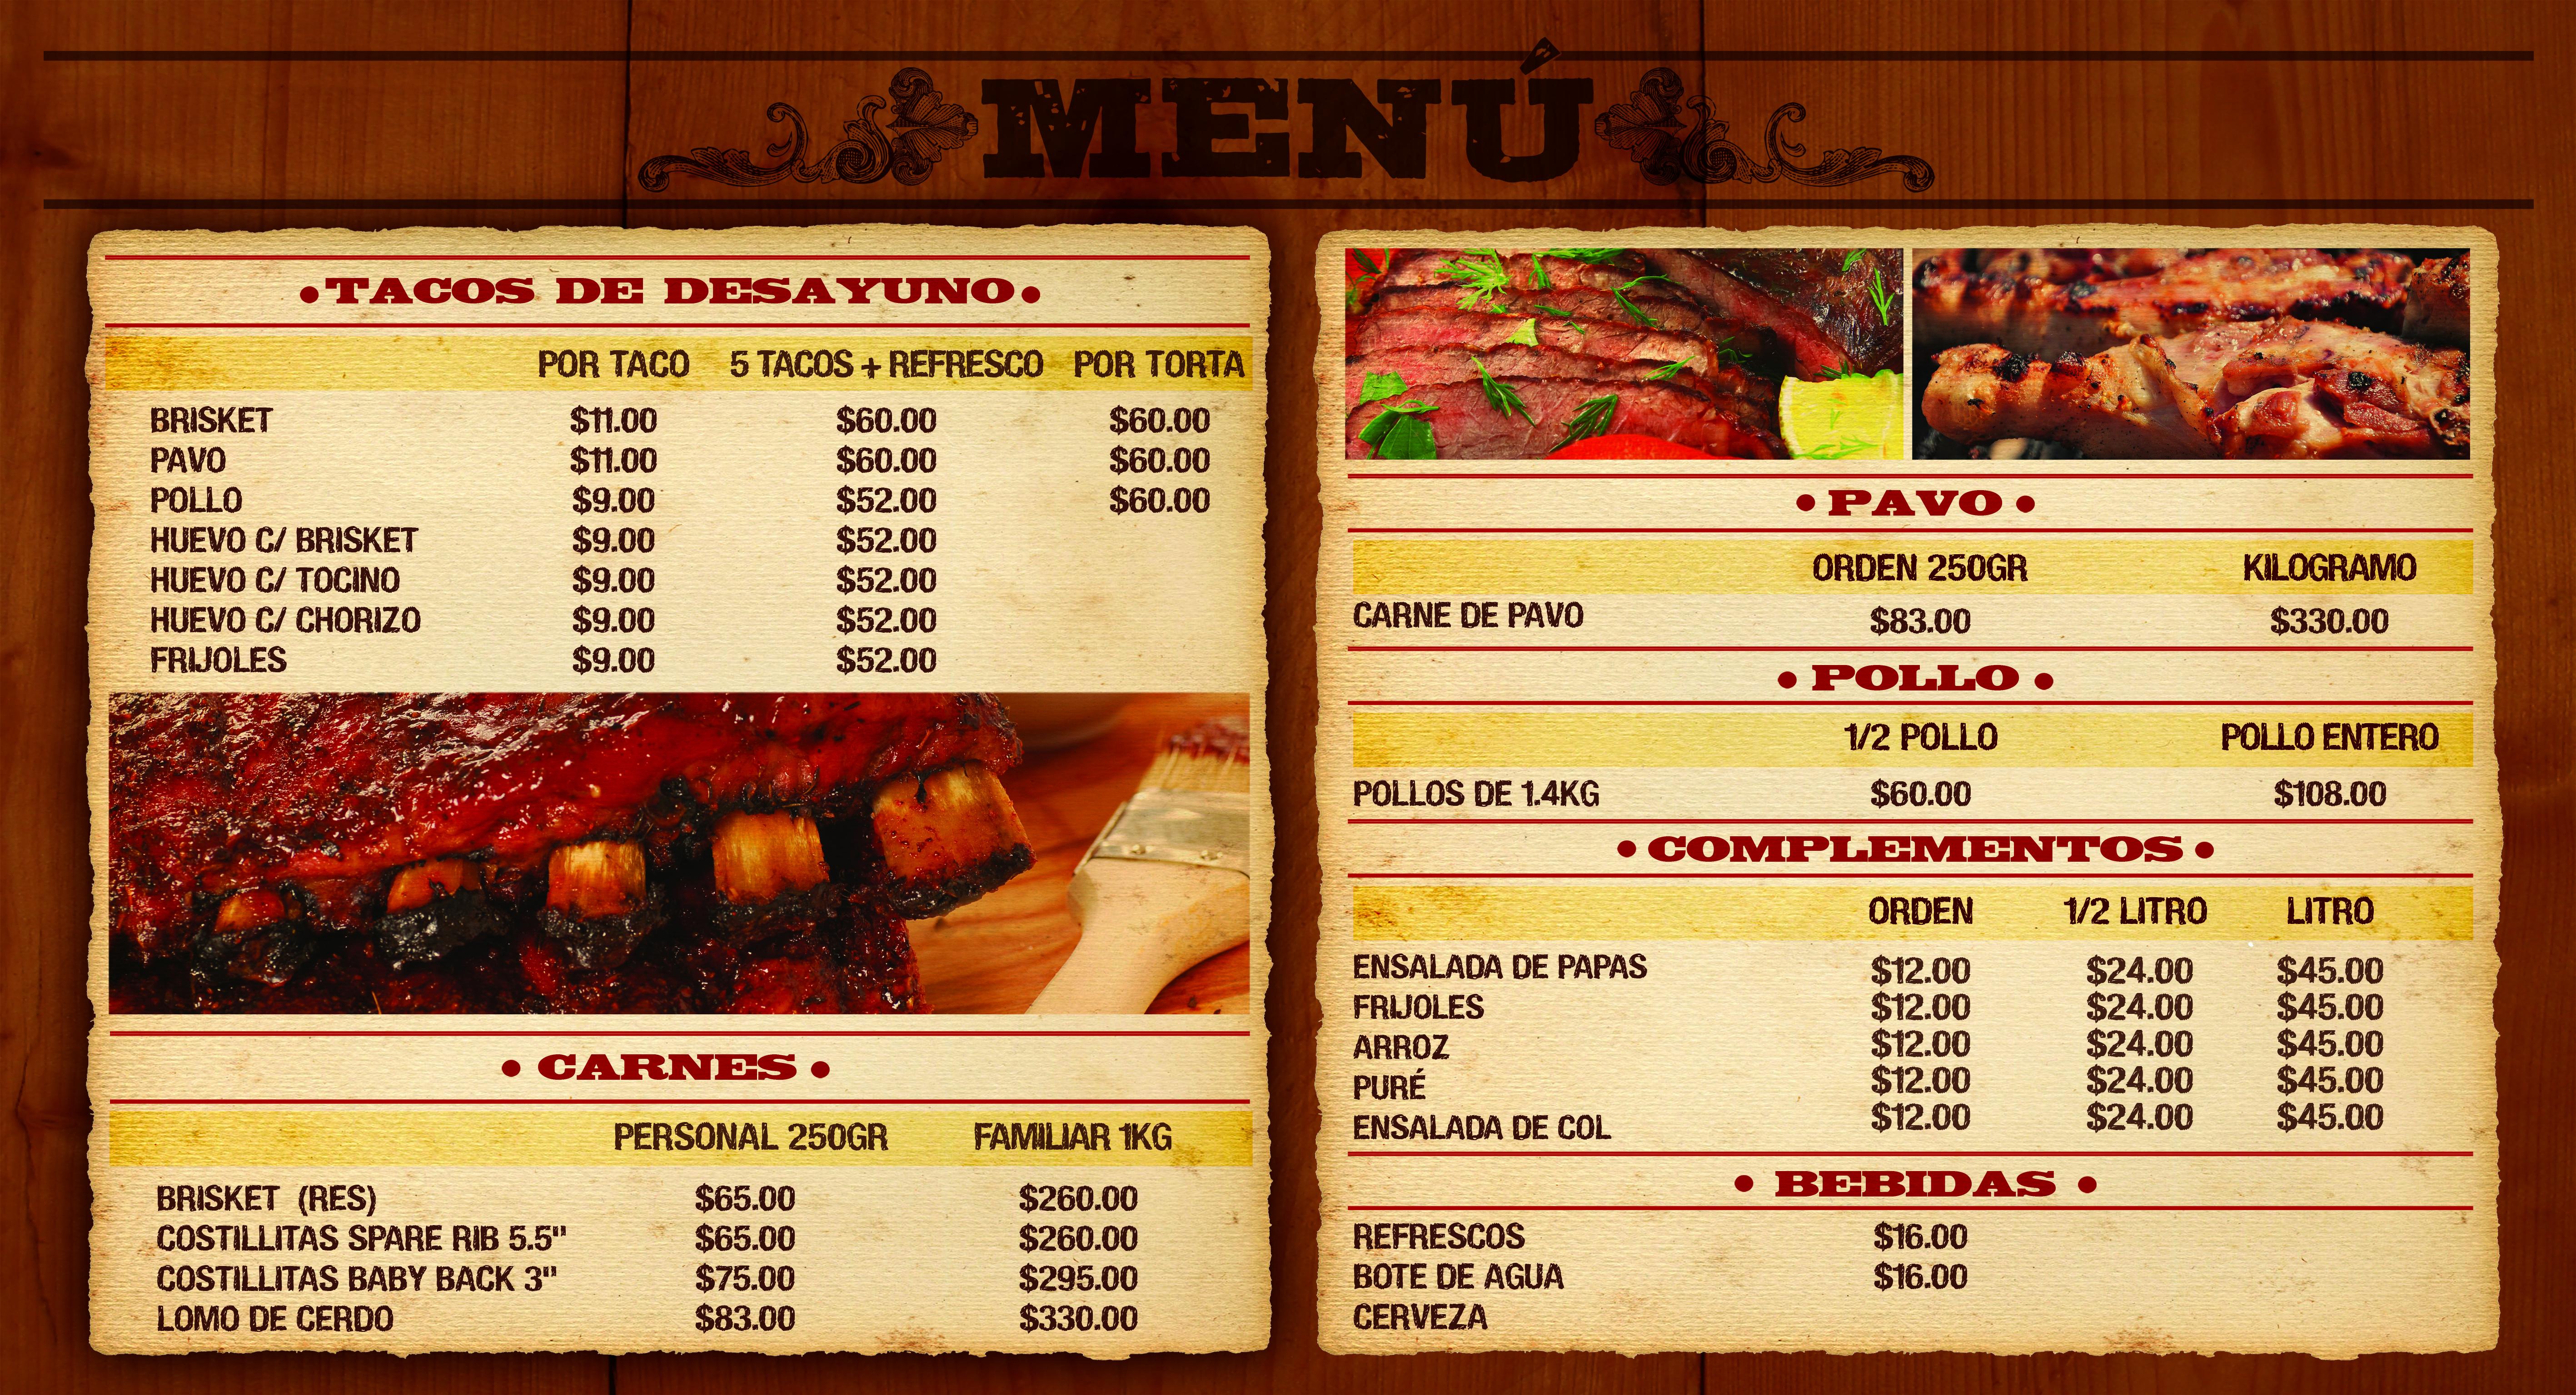 Dise o de men de restaurante for Disenos de menus para restaurantes